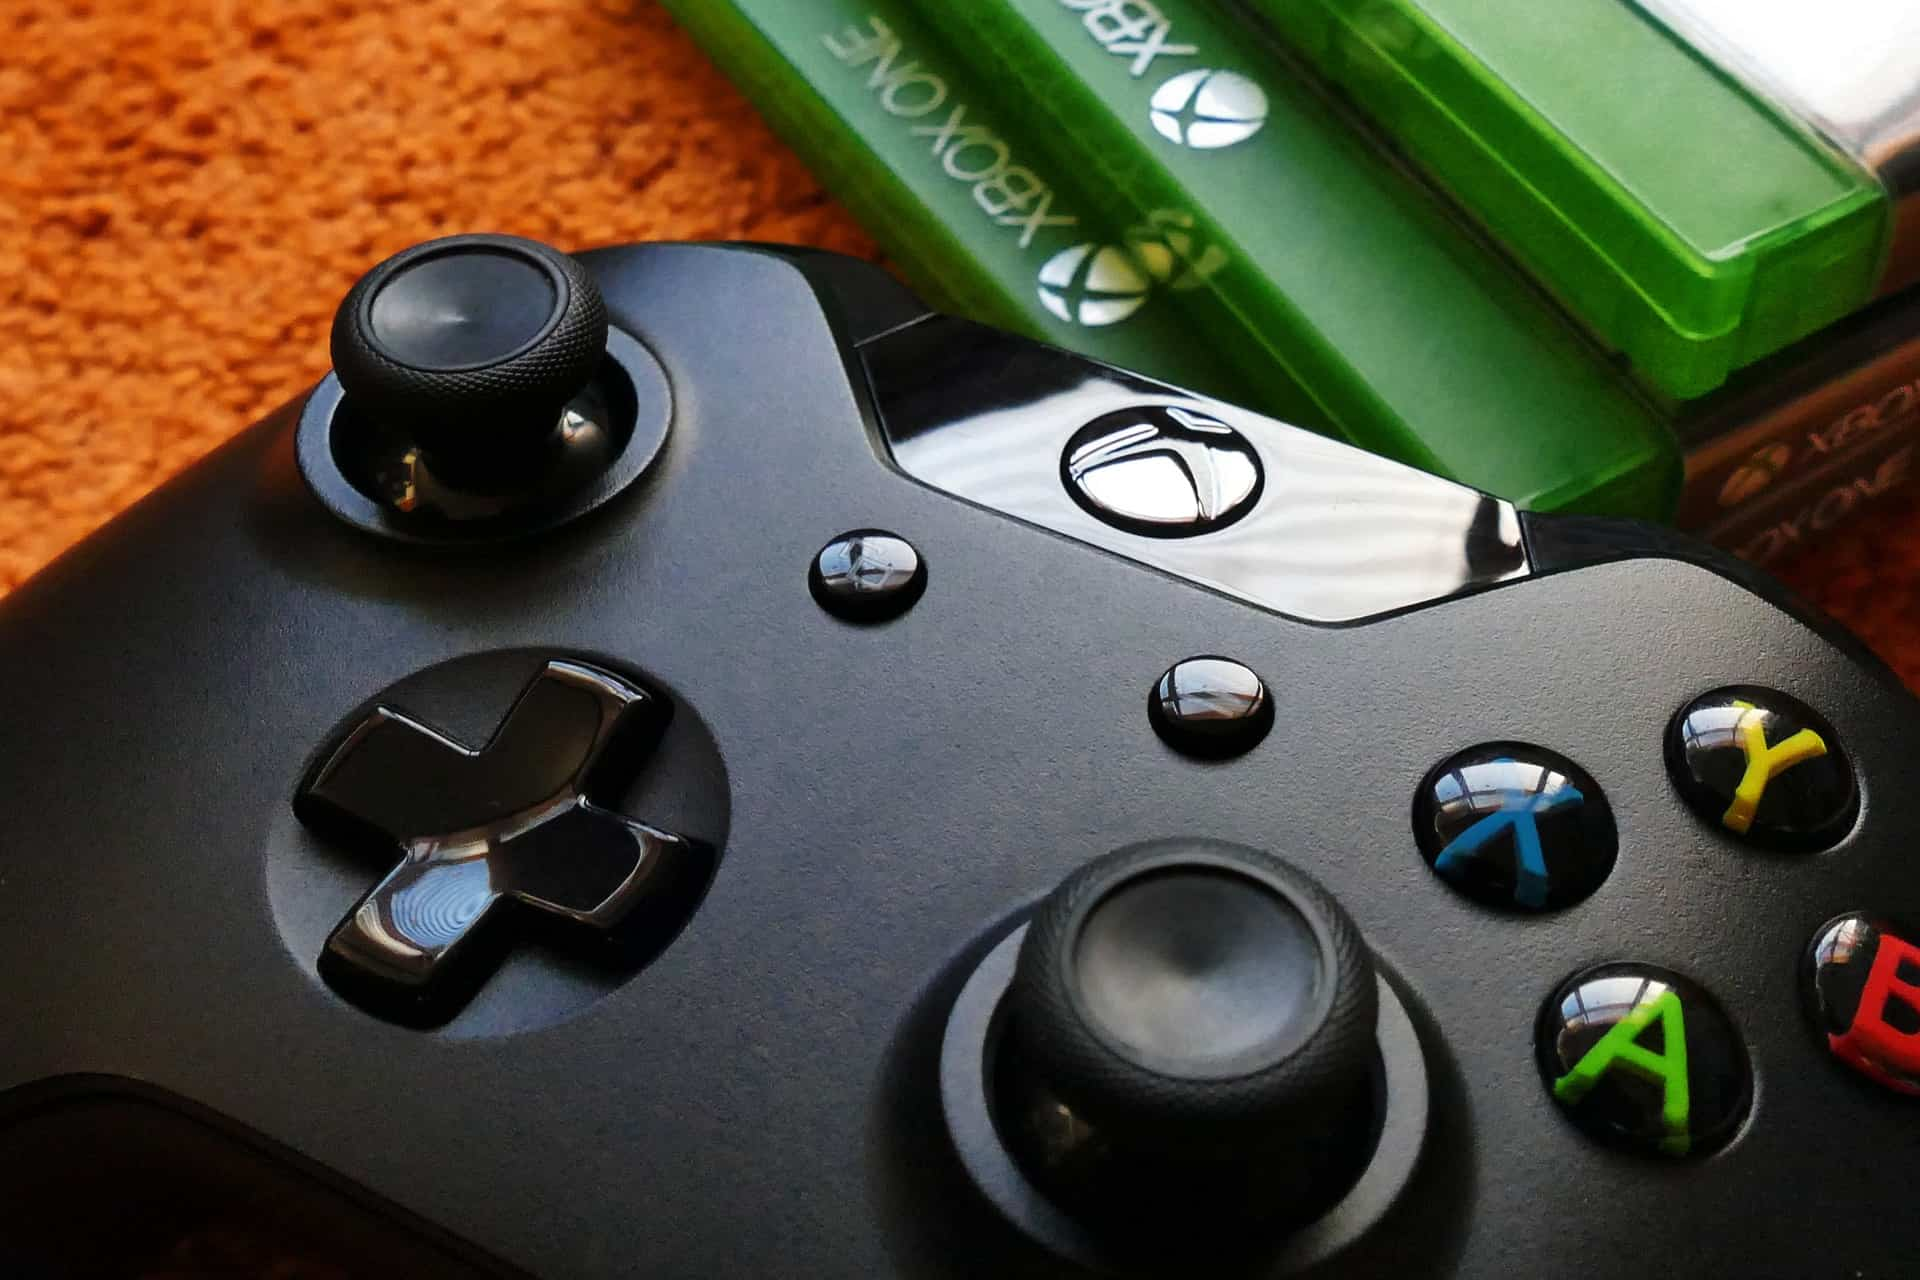 Jogos Xbox One: Descubra como escolher os melhores em 2020